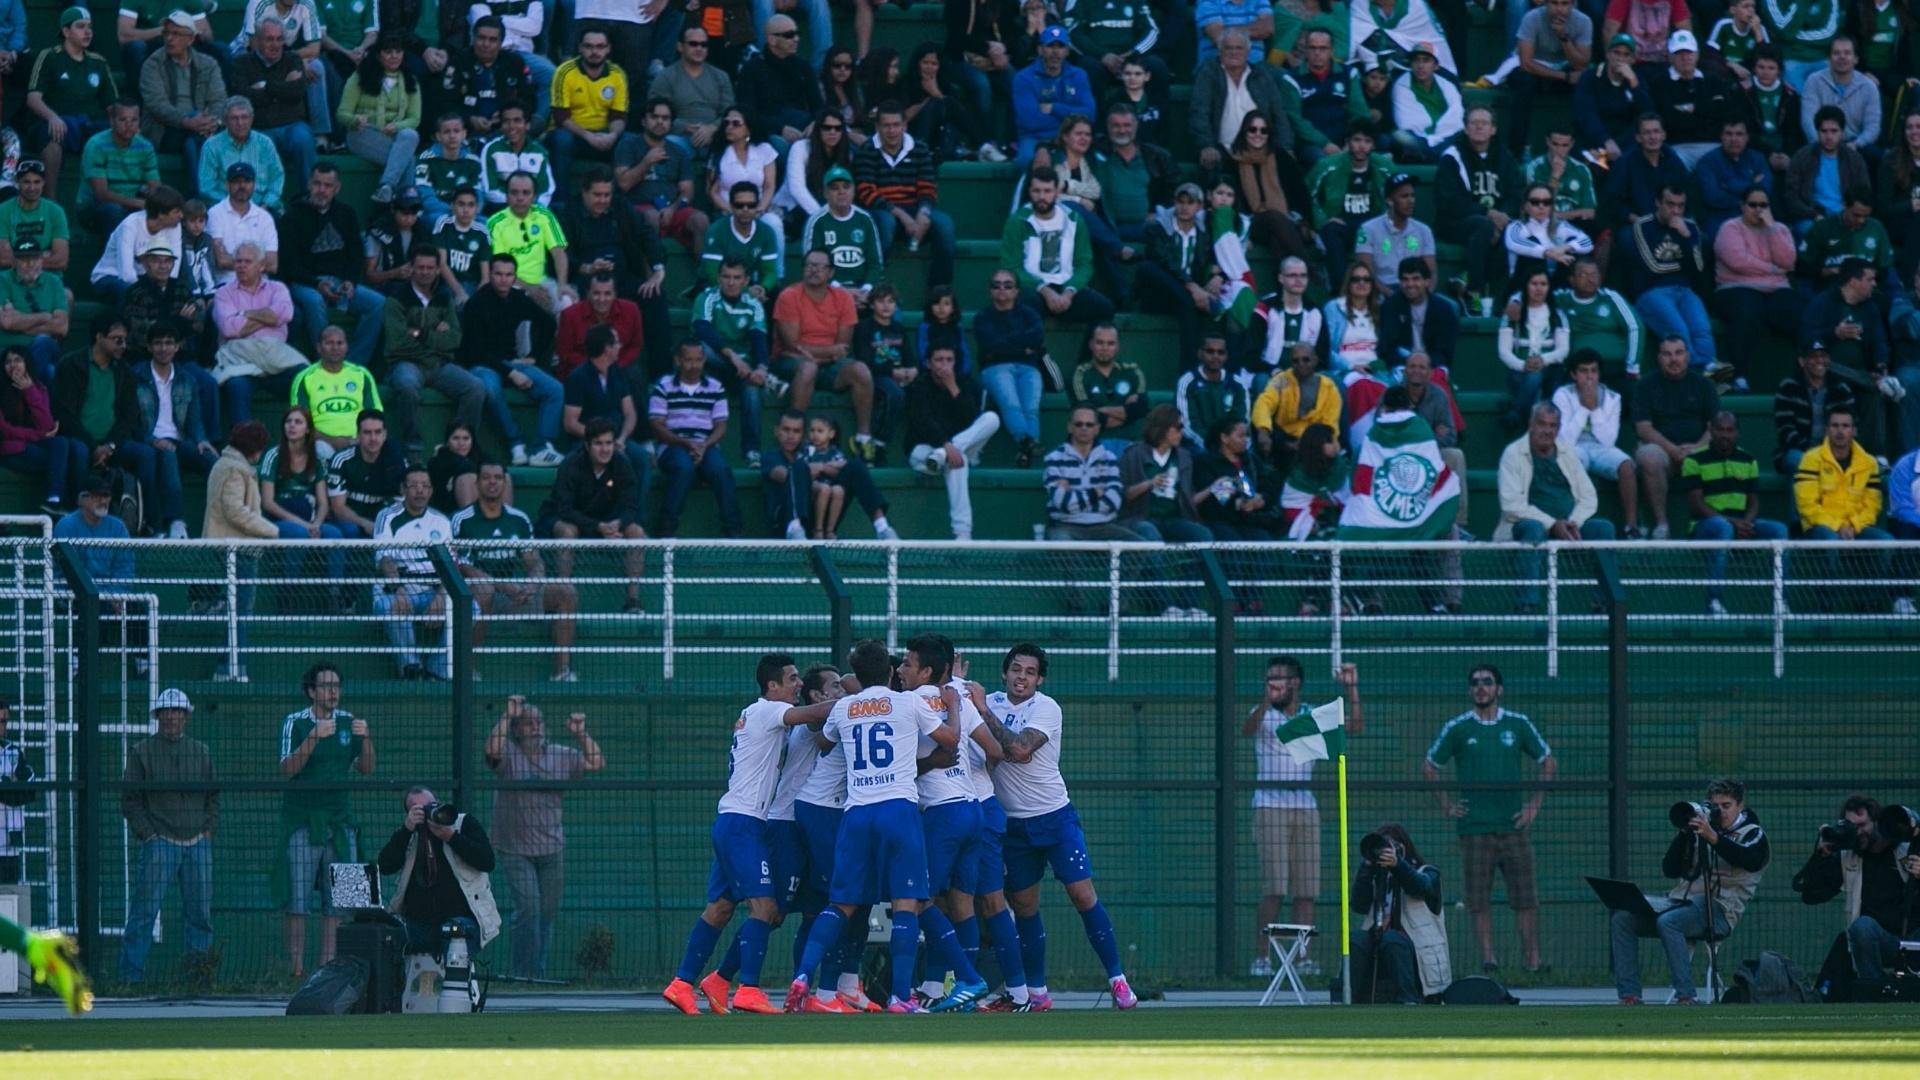 Jogadores do Cruzeiro comemoram gol contra o Palmeiras no Pacaembu